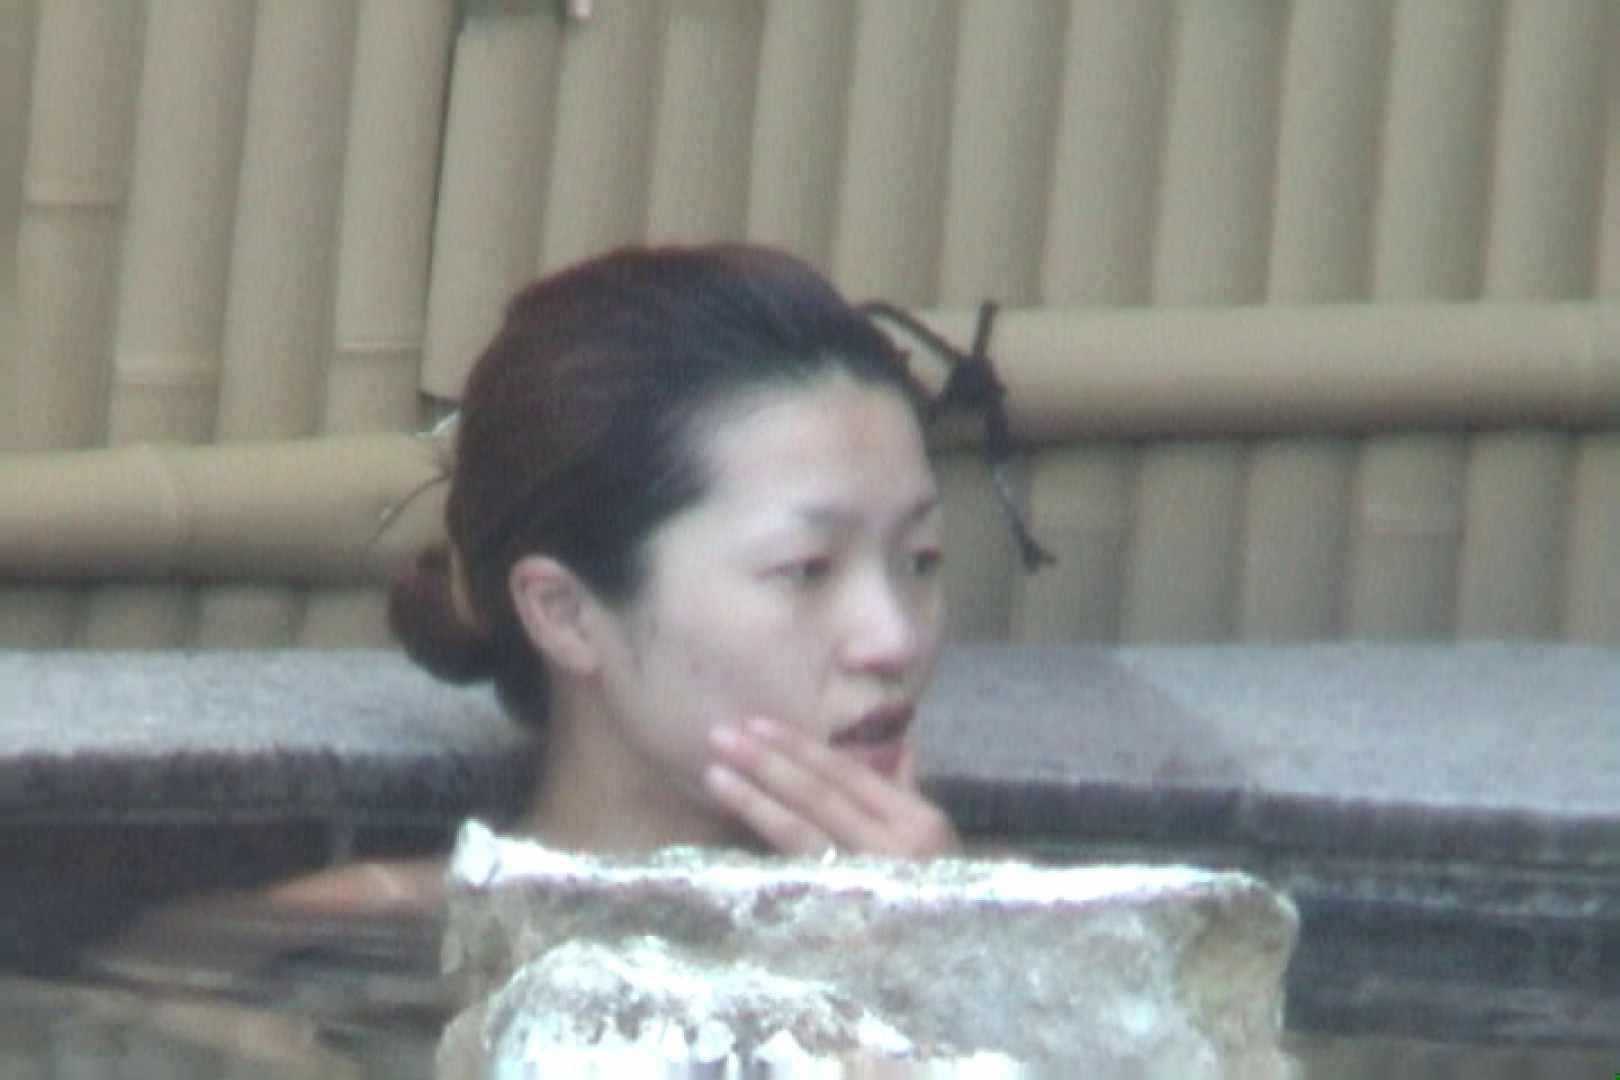 Aquaな露天風呂Vol.571 盗撮師作品 セックス無修正動画無料 99pic 38